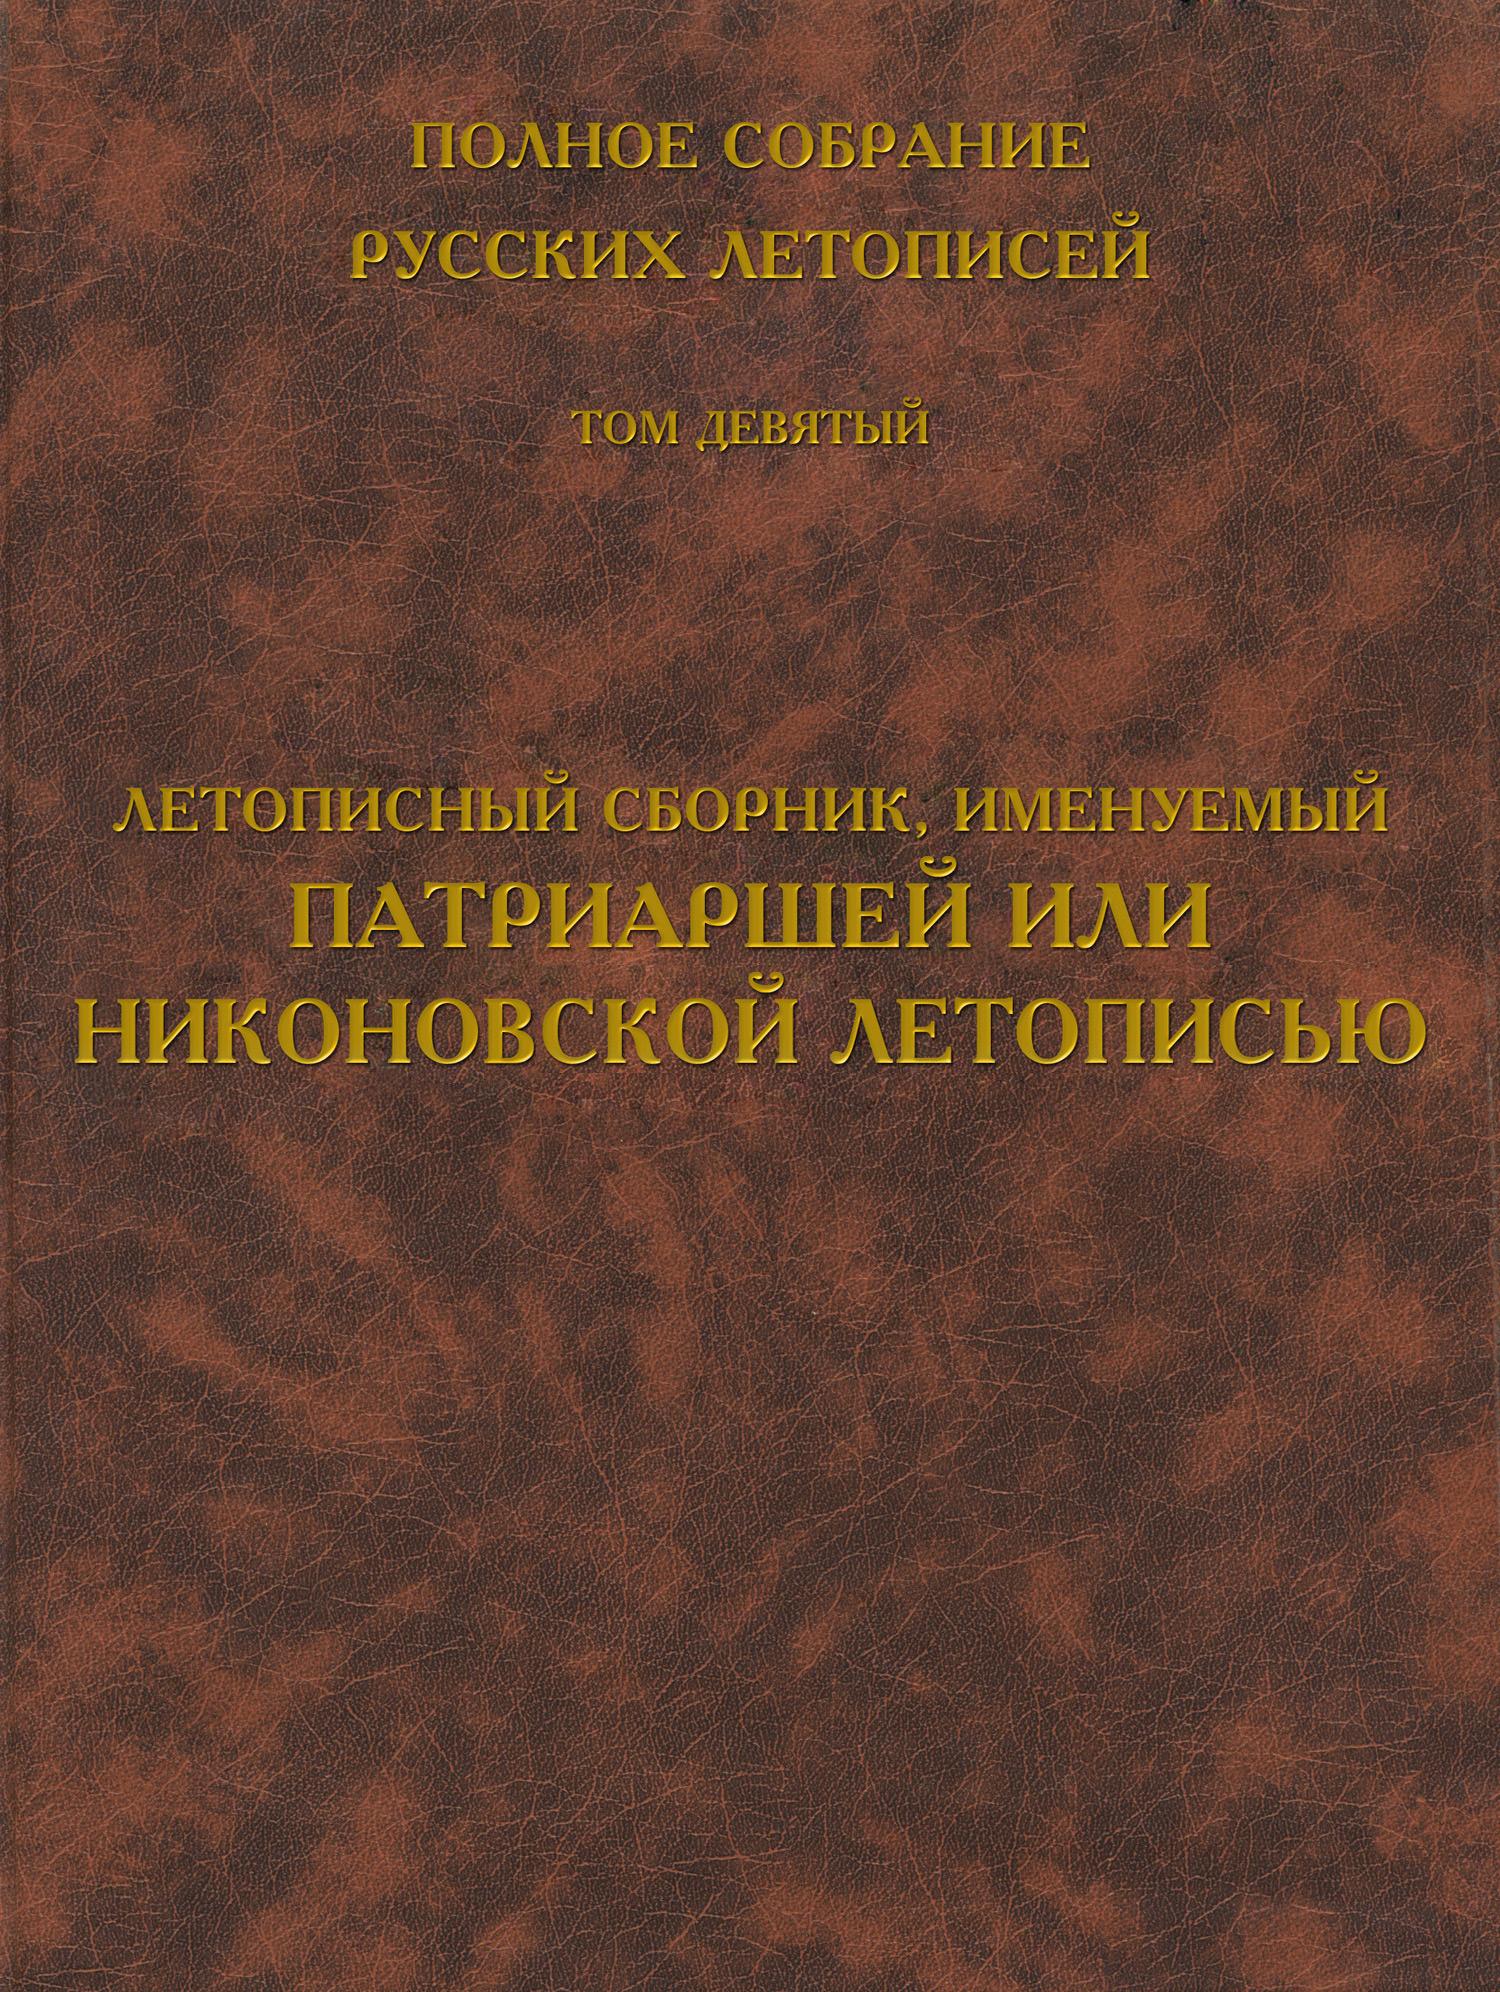 Отсутствует Полное собрание русских летописей. Том 9. Летописный сборник, именуемый Патриаршей или Никоновской летописью